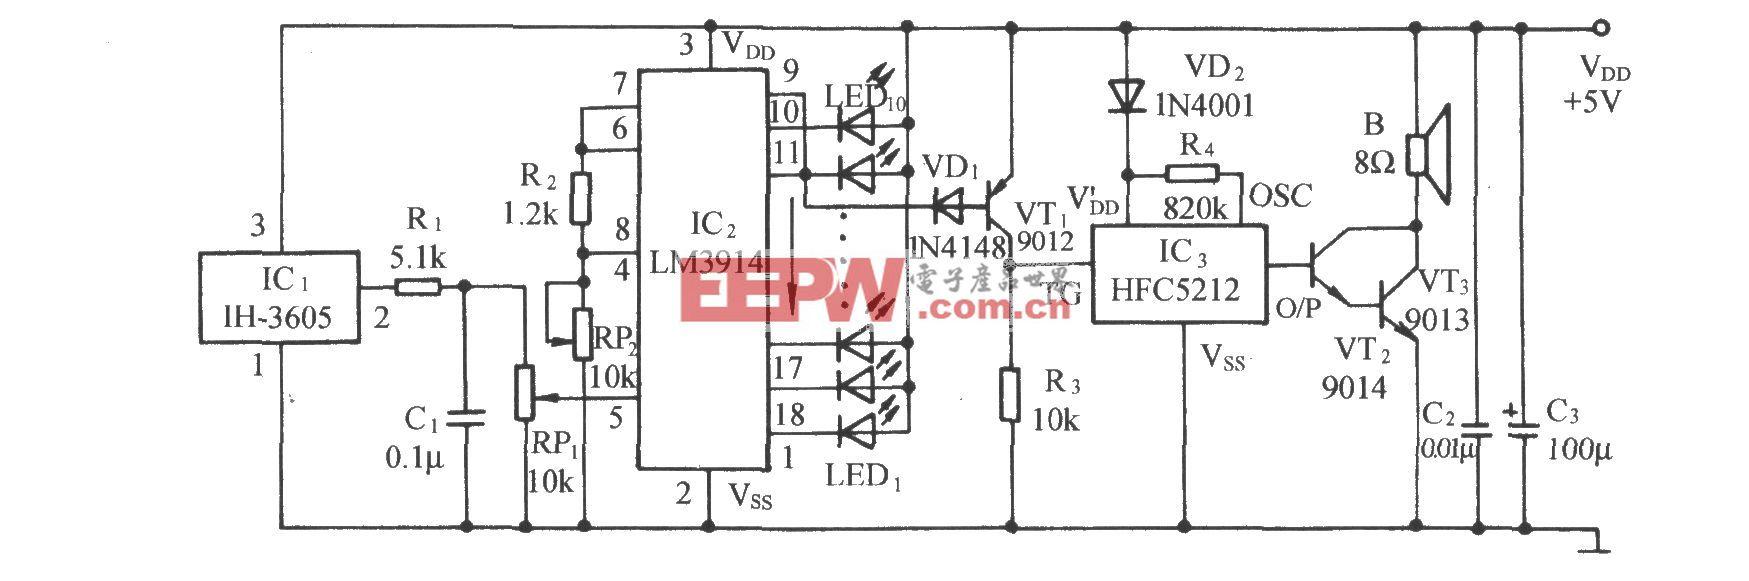 相对湿度LED显示及湿度过大报叫电路